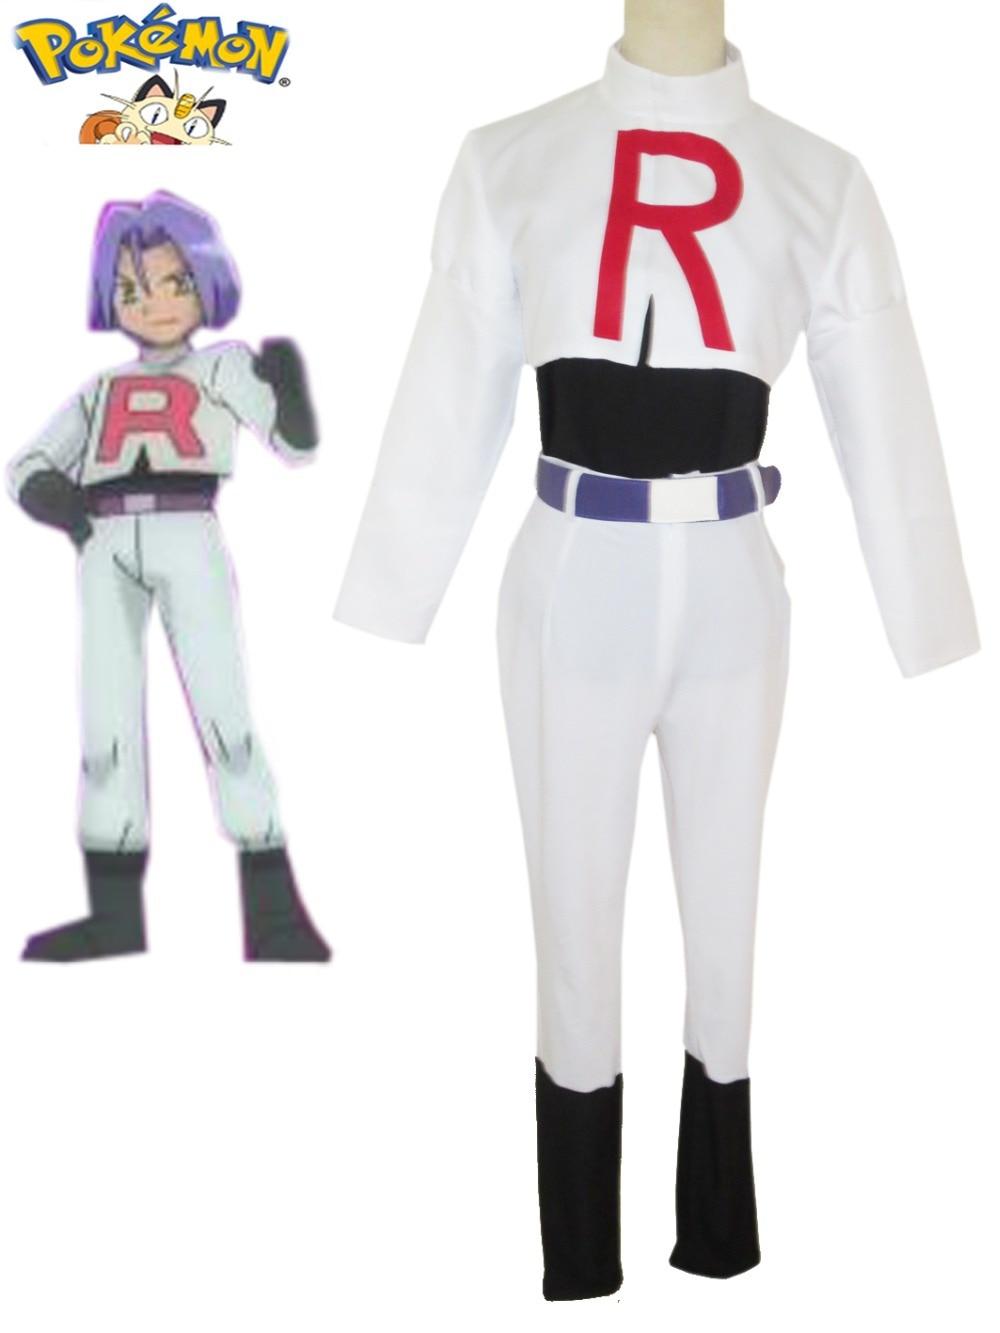 Pocket Monster Team Rocket James Cosplay Costume